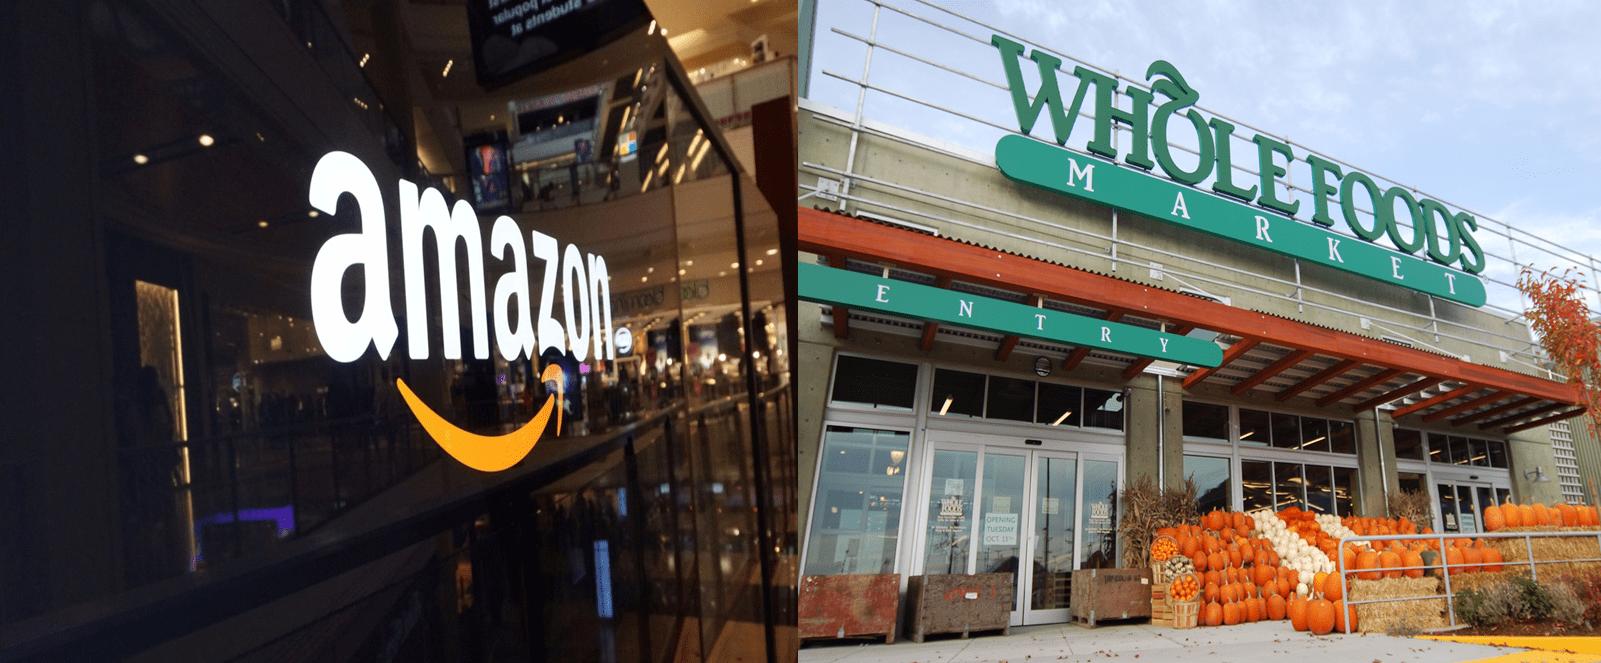 Amazon Whole Foods2 - Whole Foods aumentó su tráfico un 25% luego de ser adquirido por Amazon